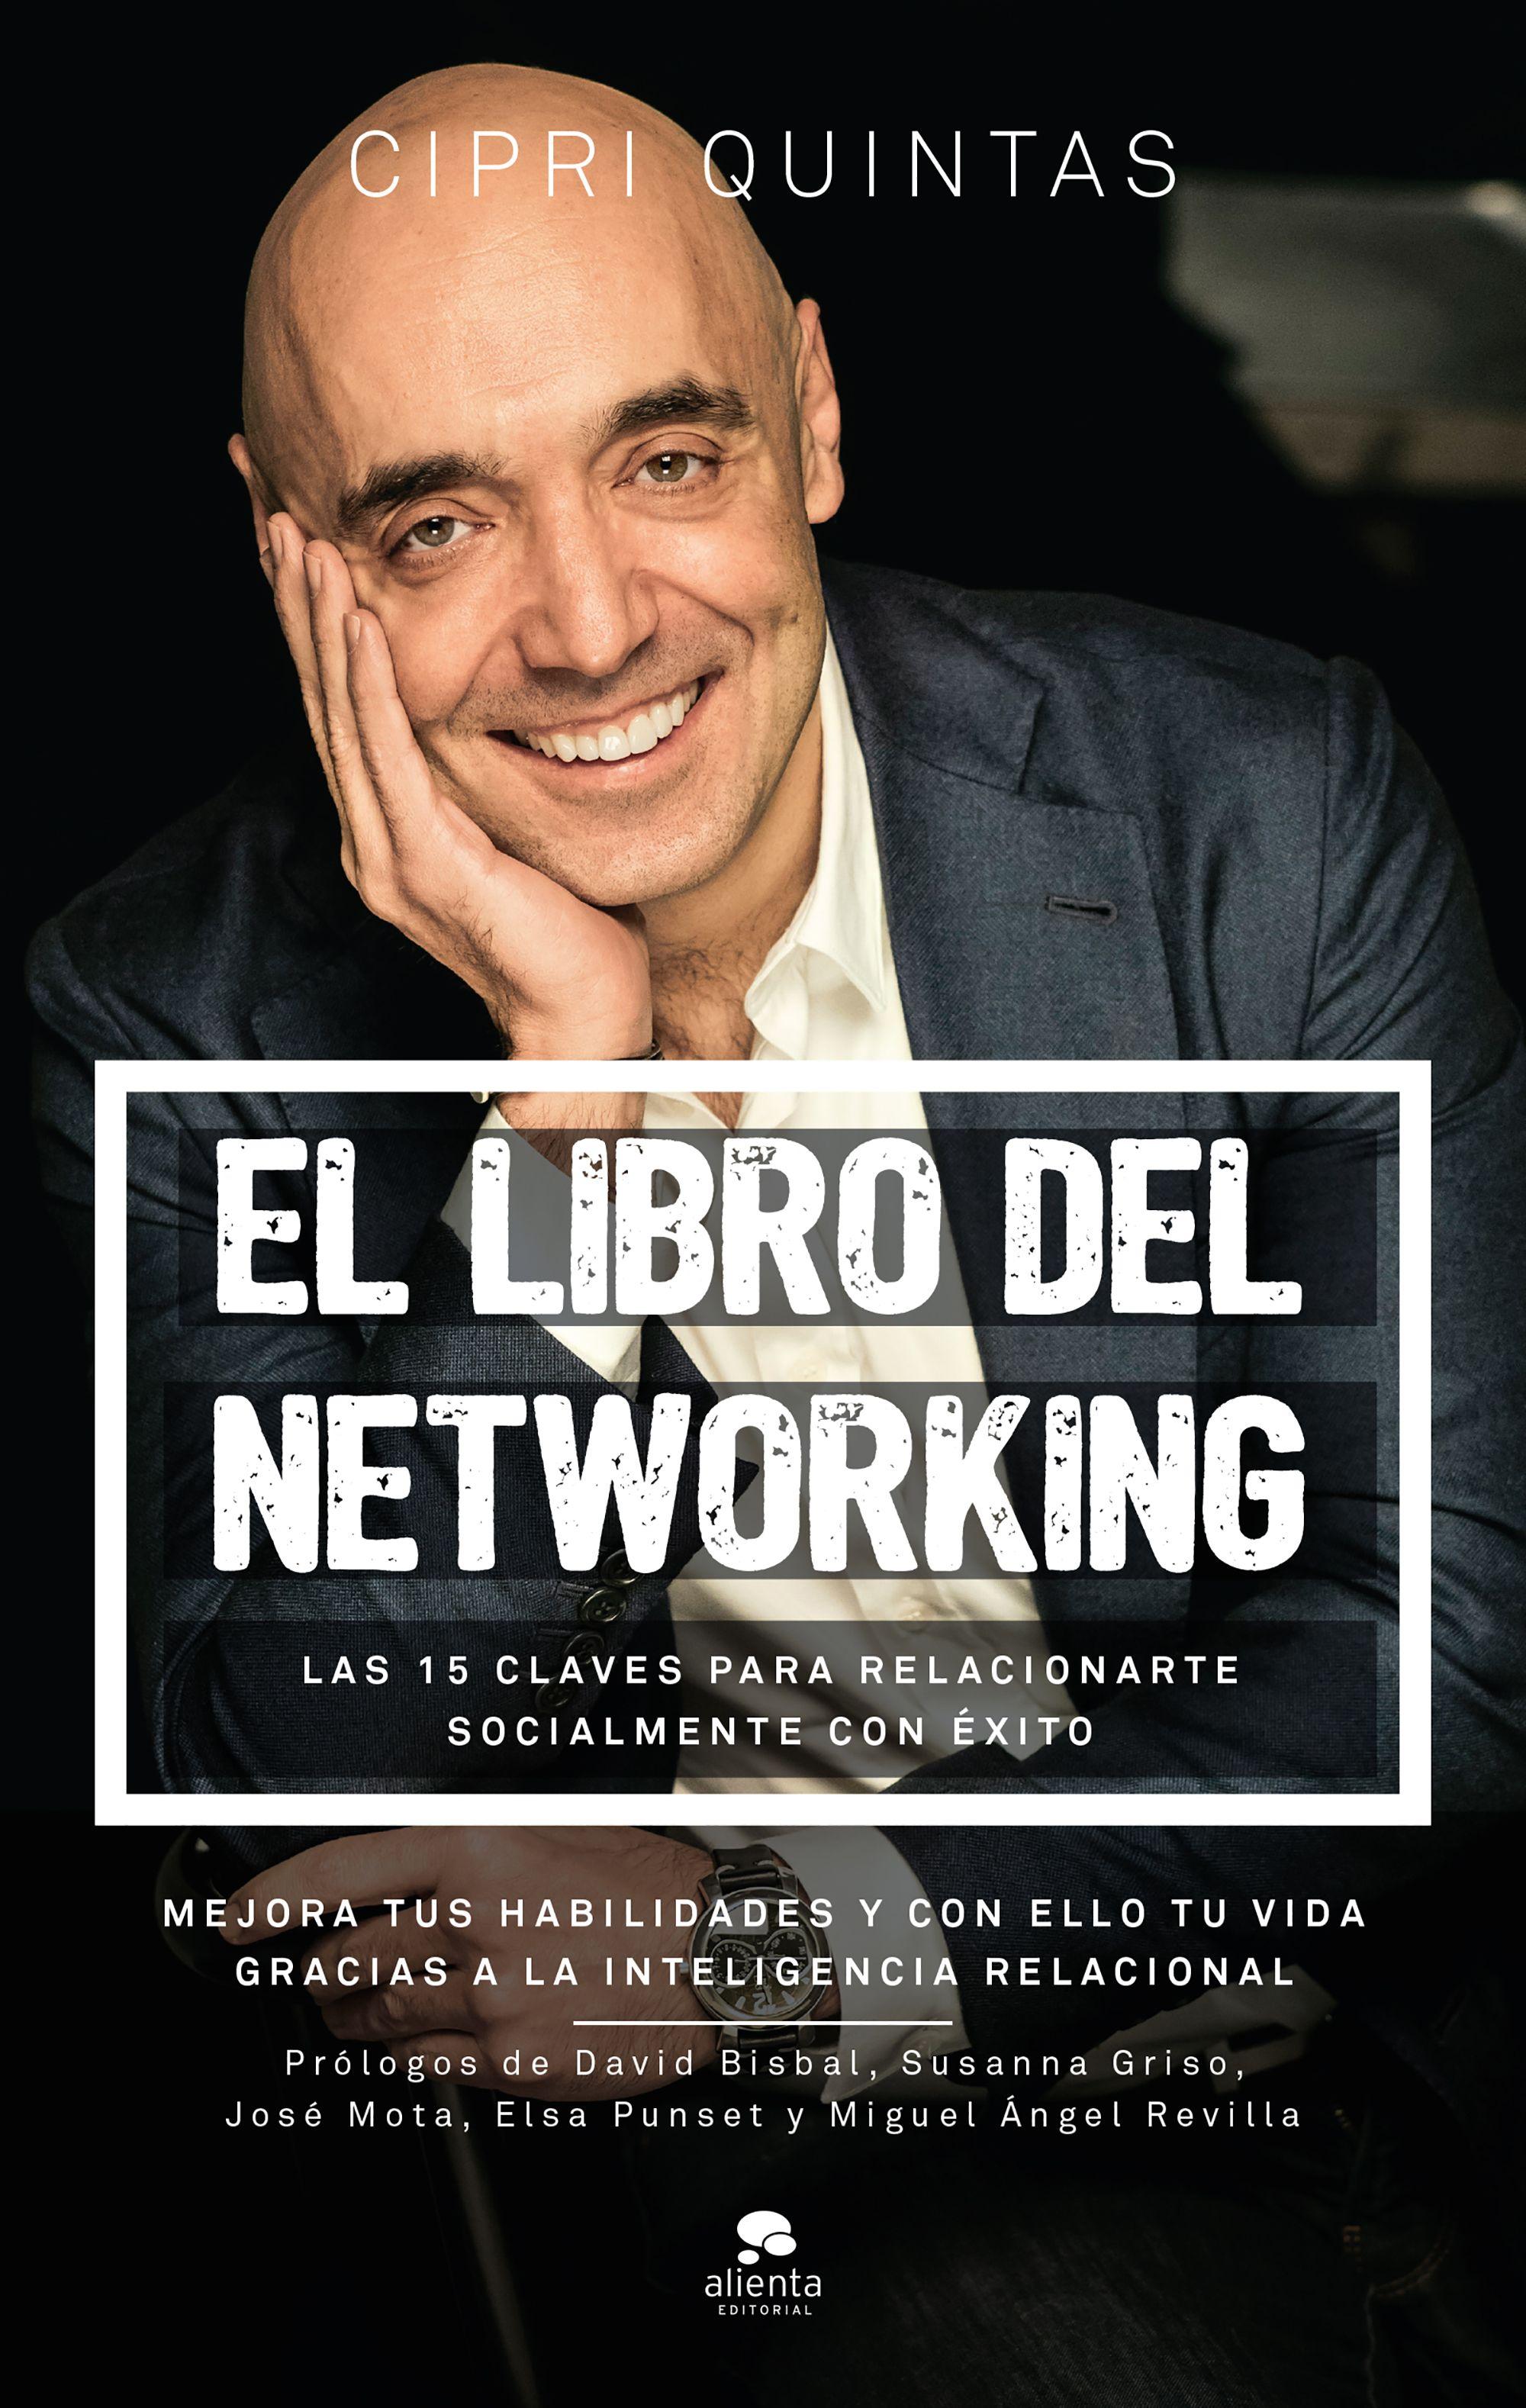 El libro del networking, de Cipri Quintas